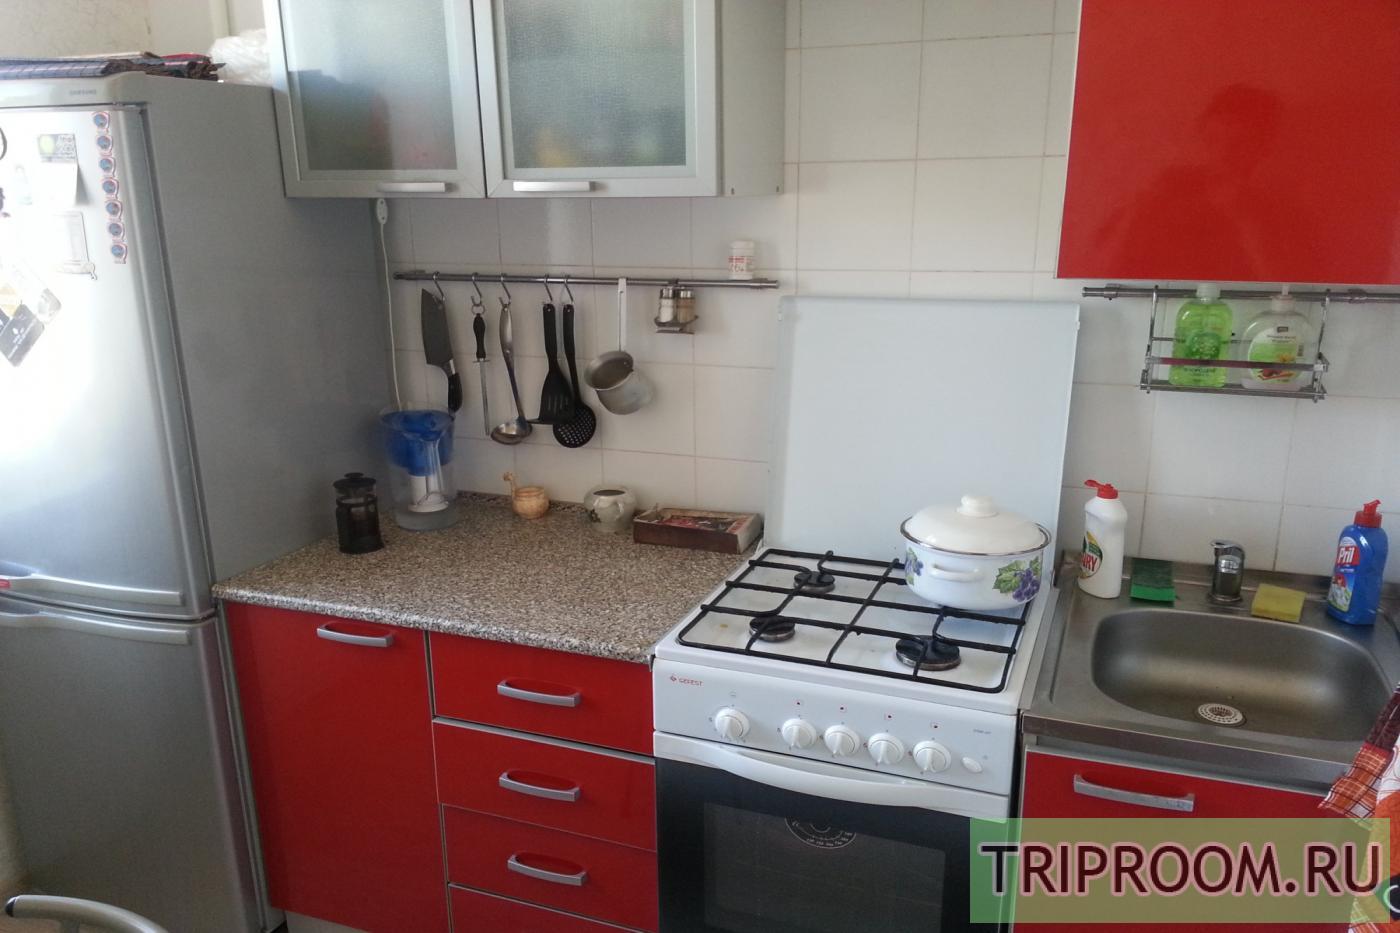 1-комнатная квартира посуточно (вариант № 23343), ул. Героев аллея, фото № 4